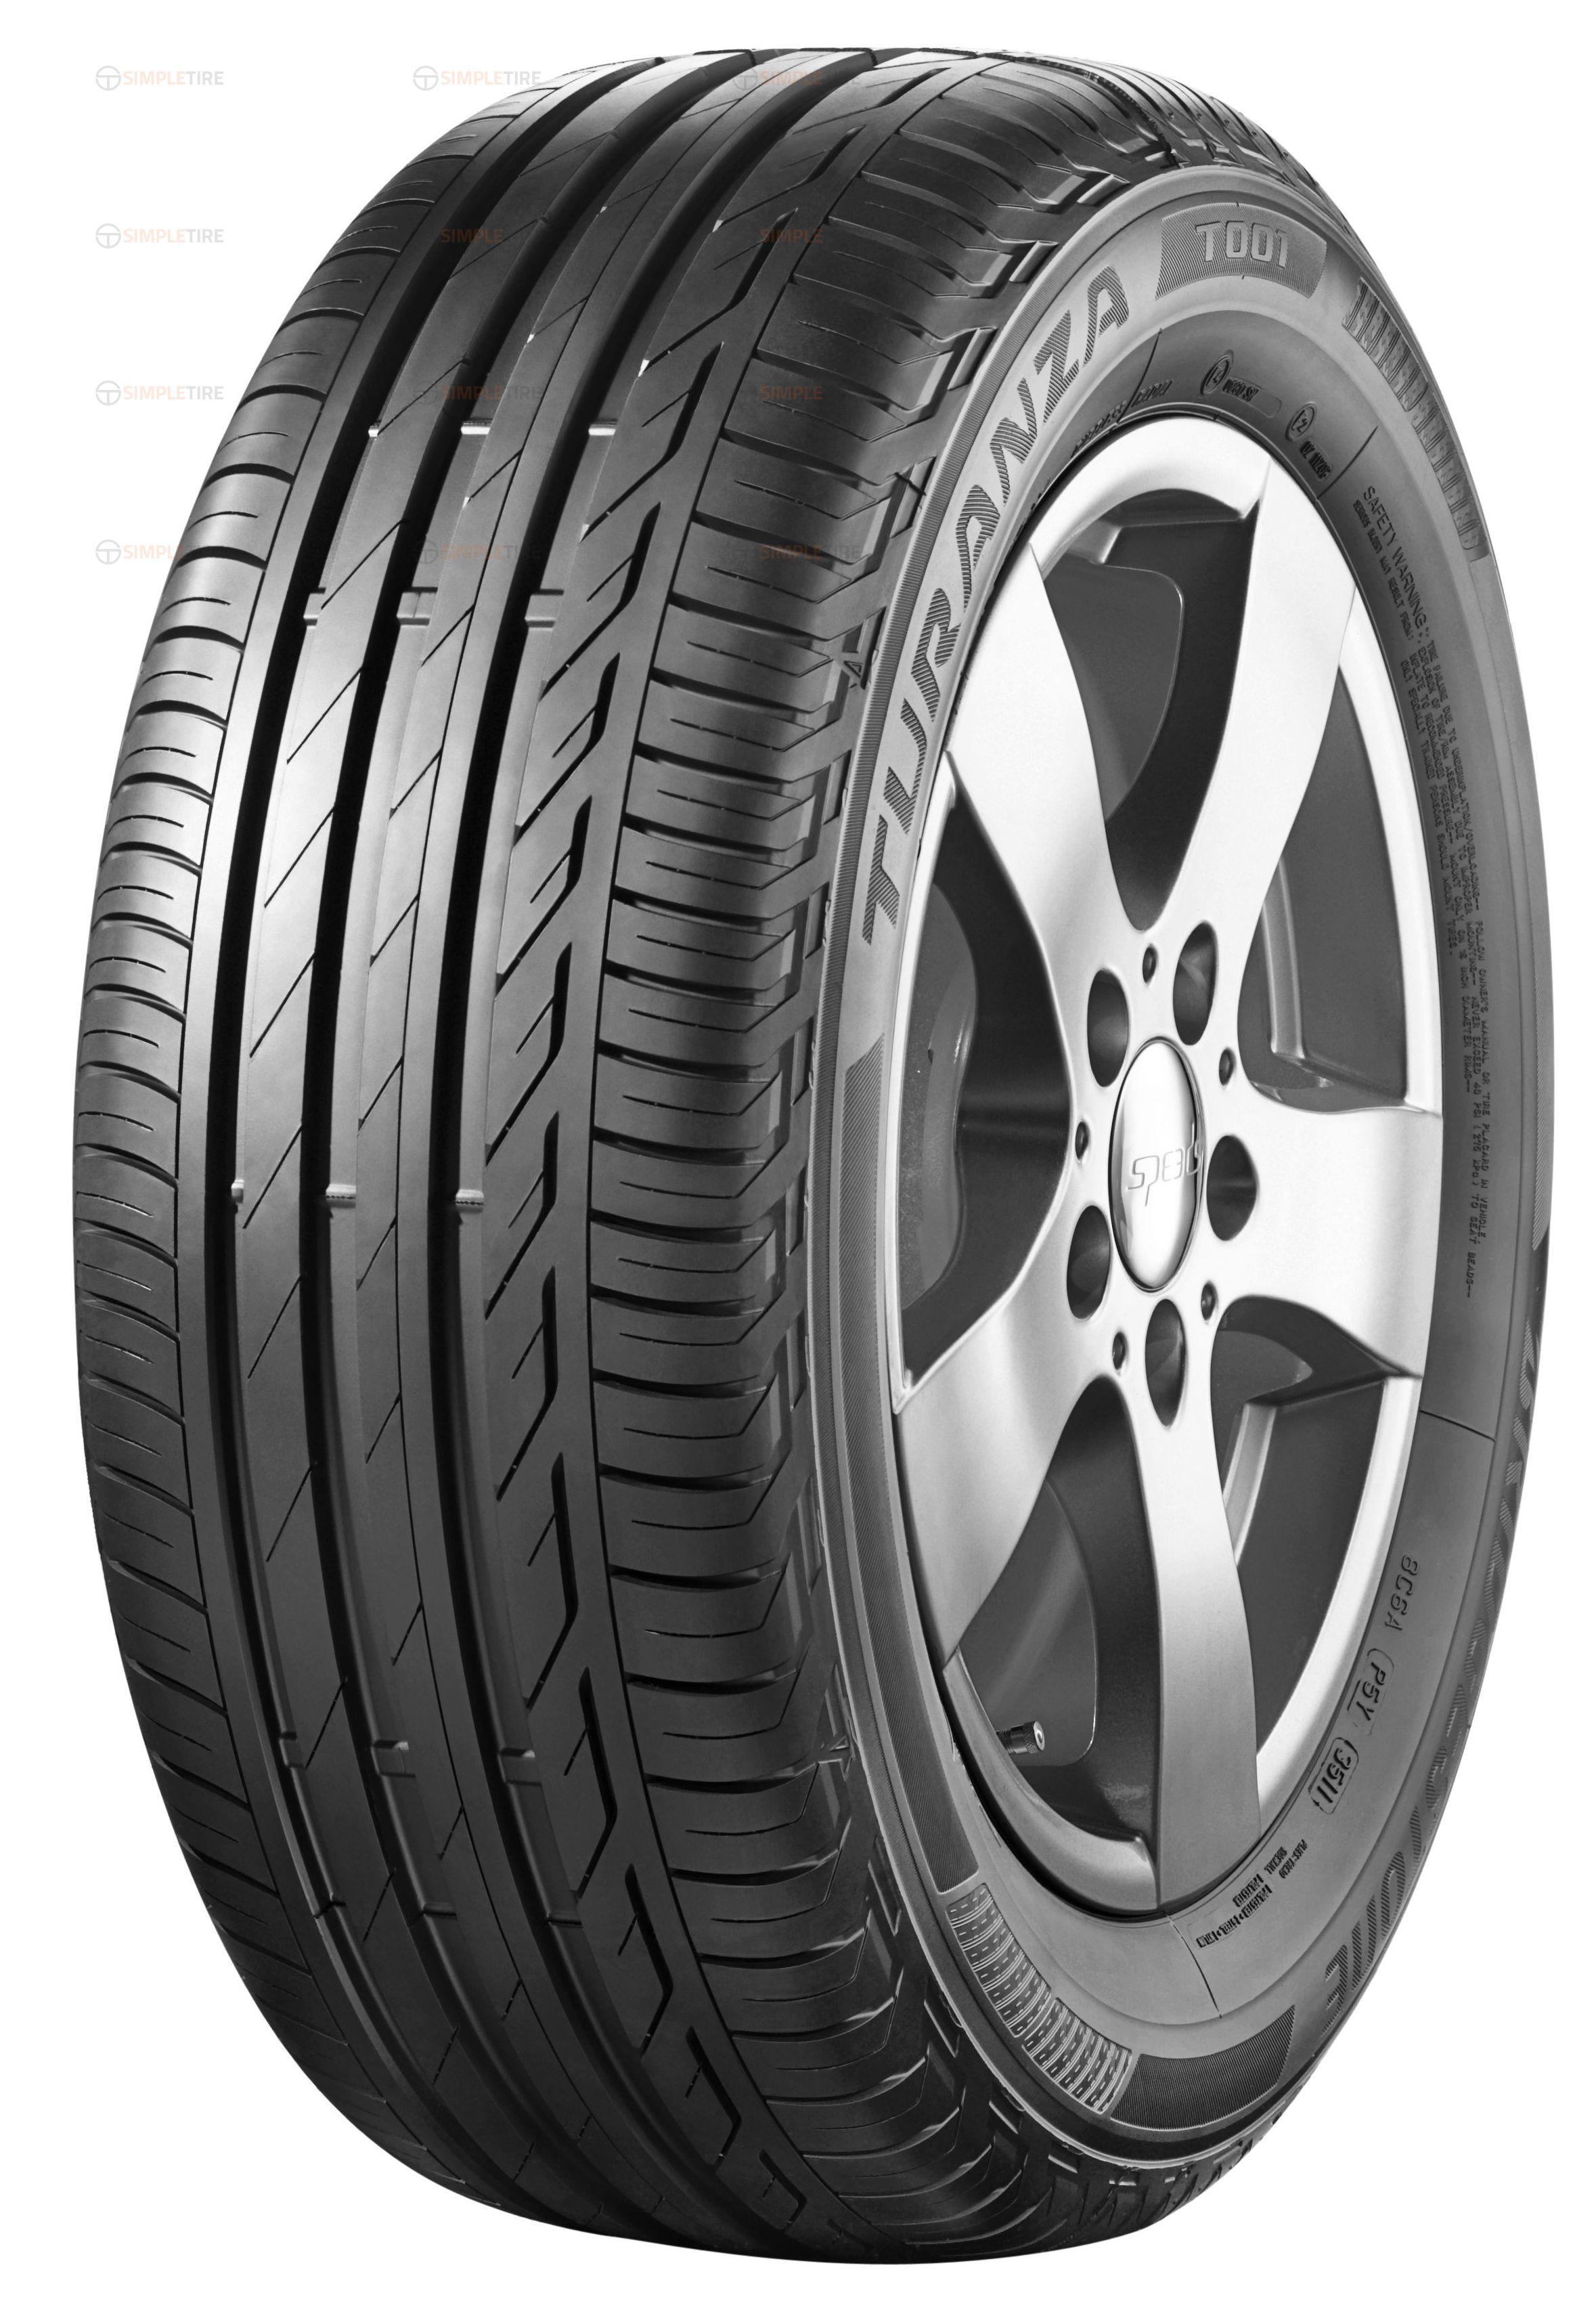 4943 225/40R18 Turanza T001 RFT Bridgestone